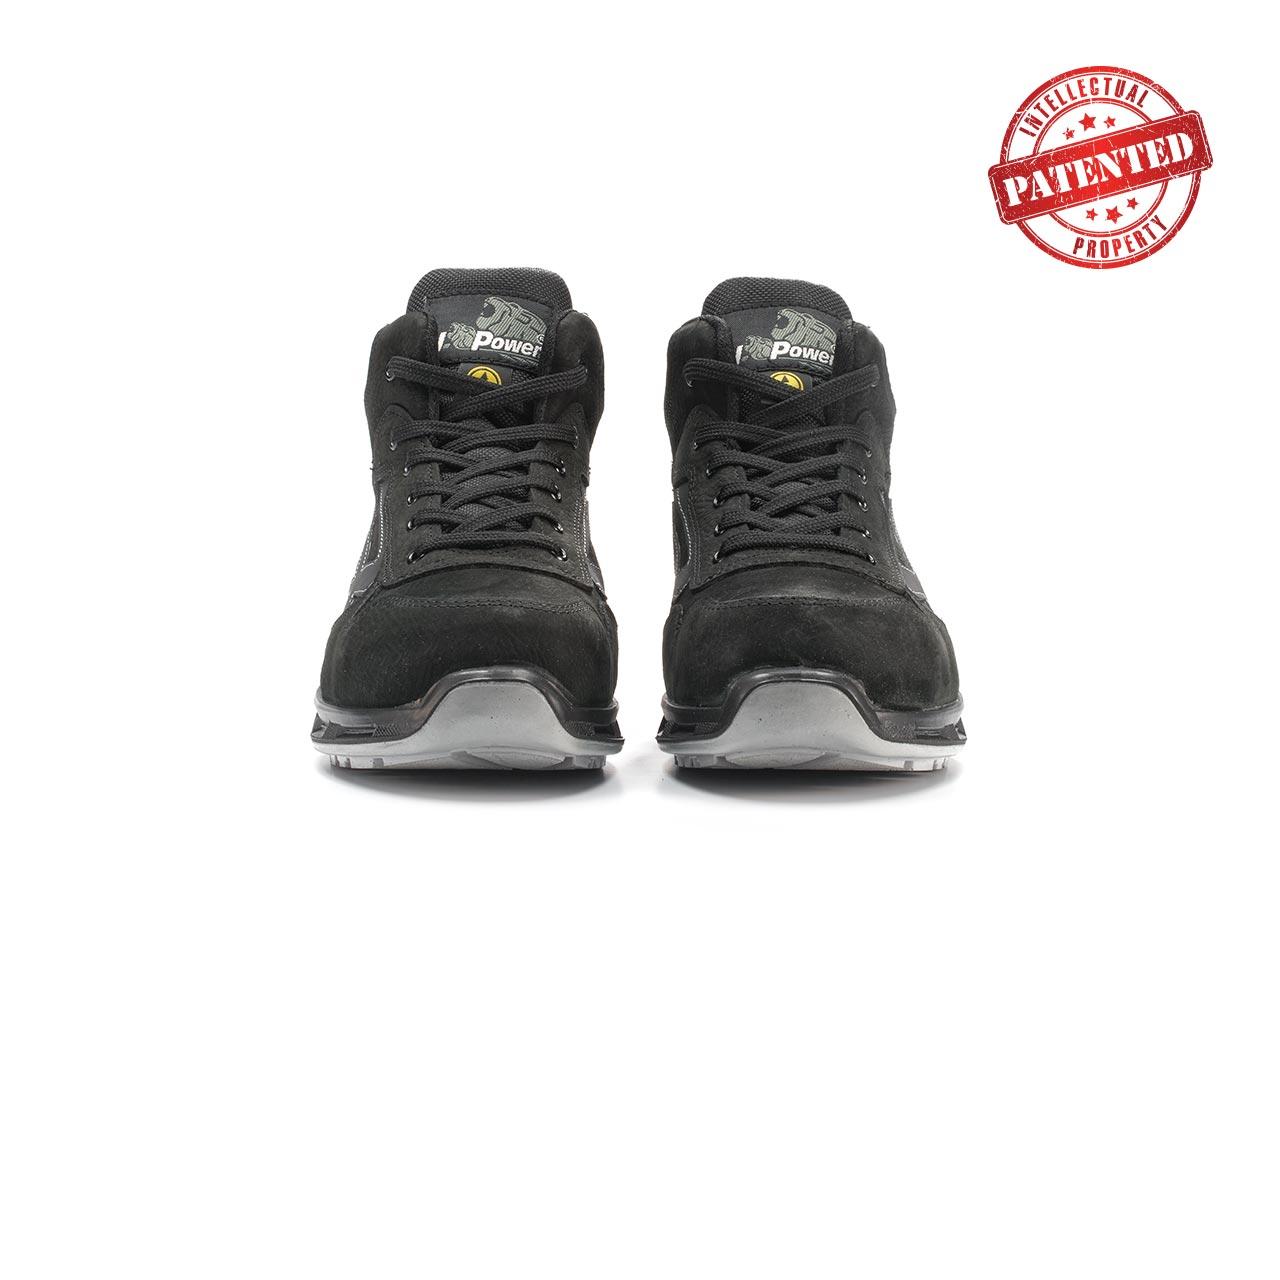 paio di scarpe antinfortunistiche alte upower modello lift linea redlion vista frontale